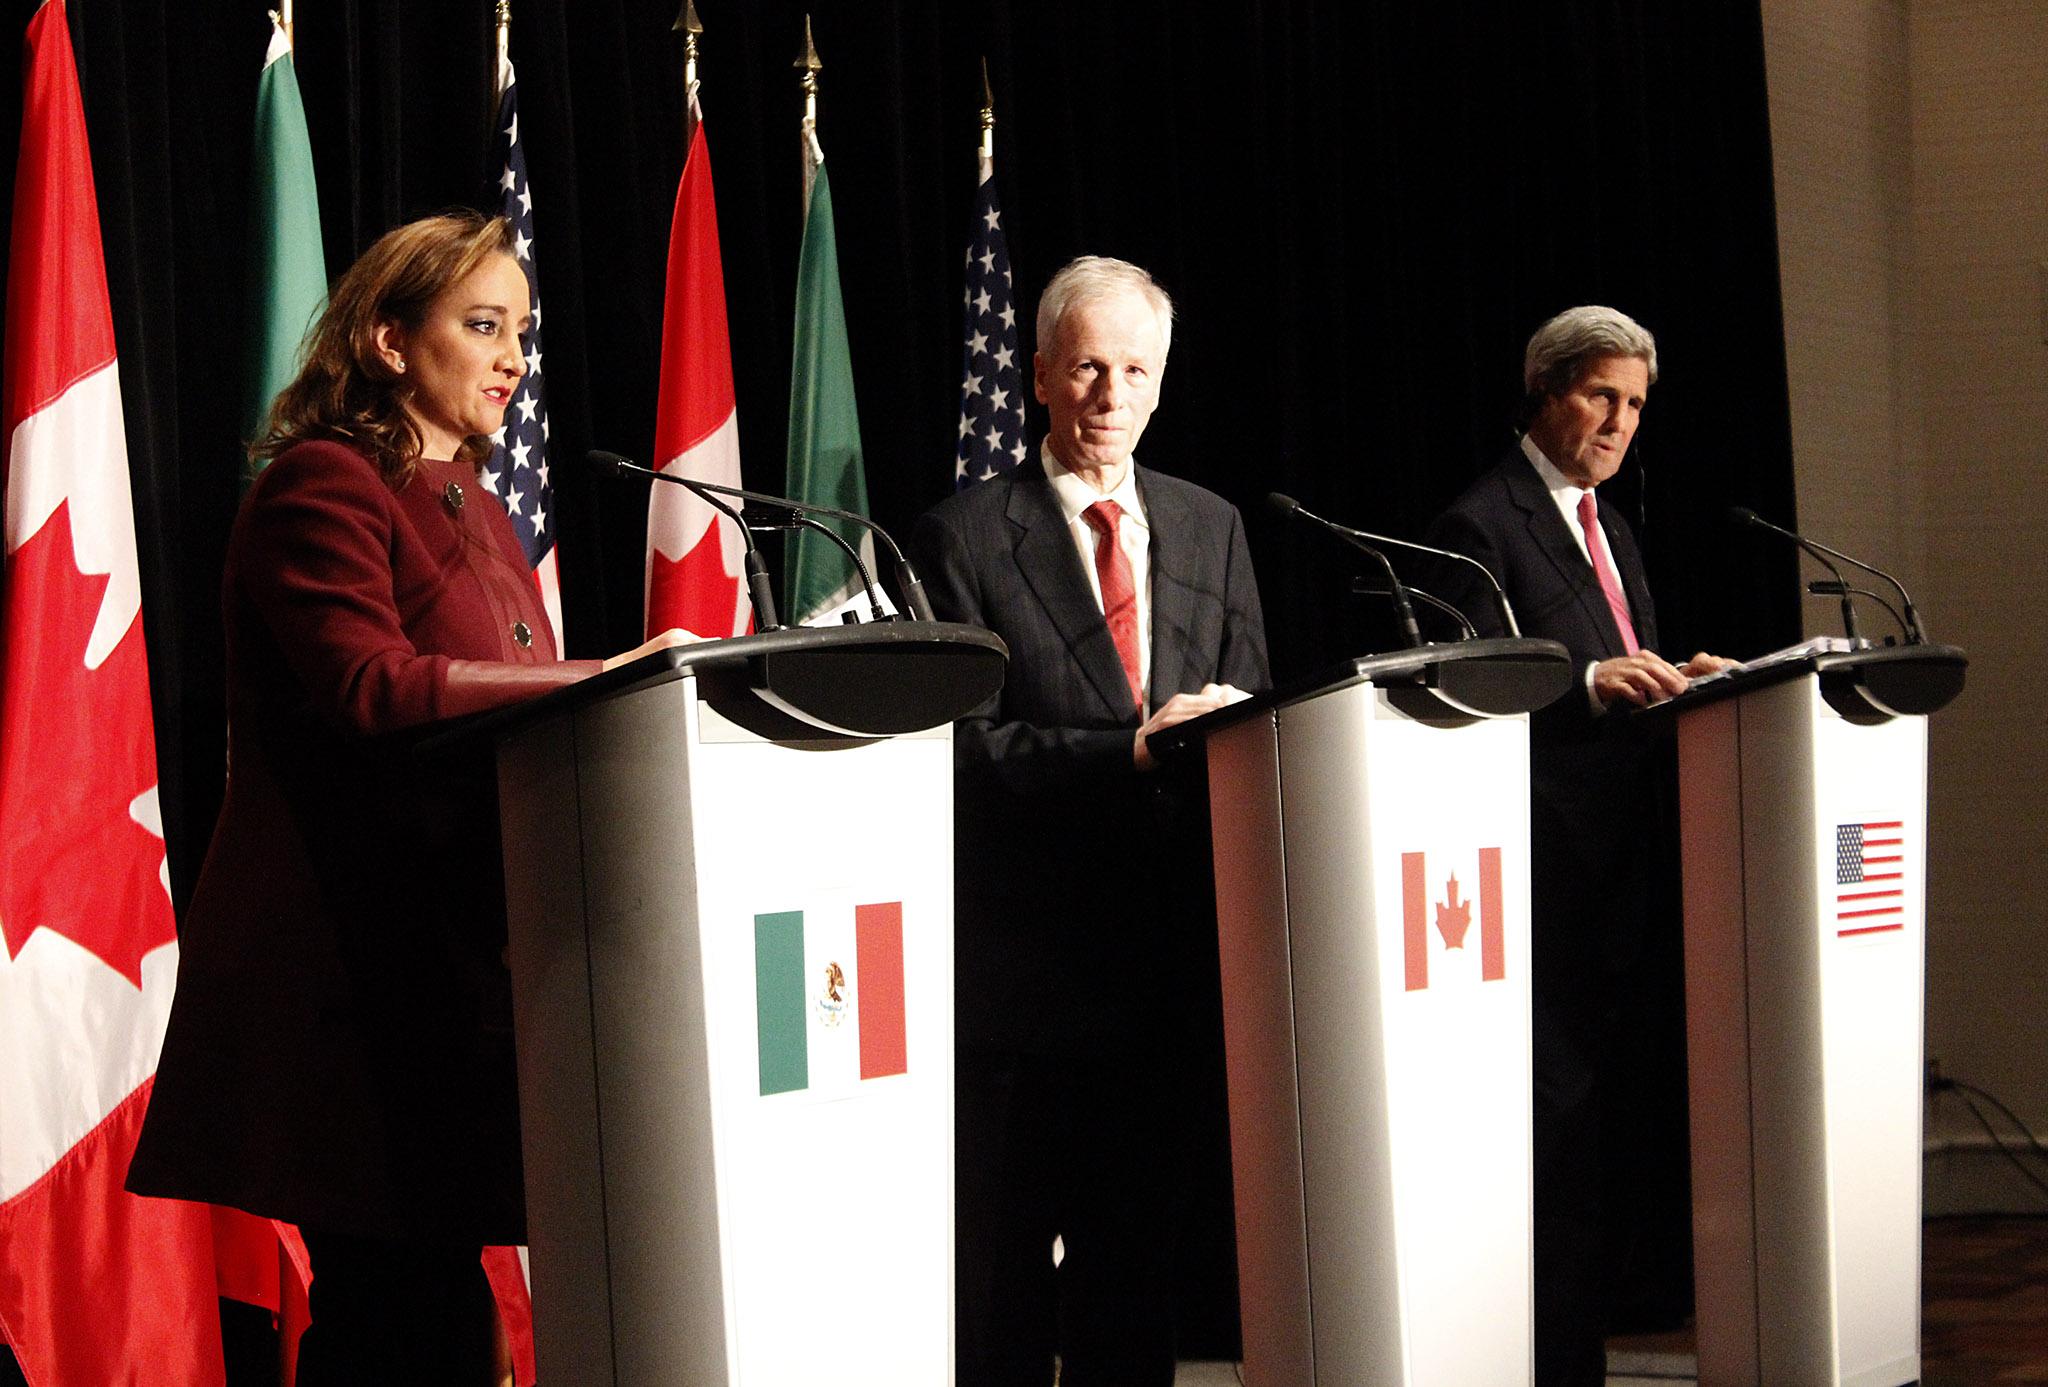 FOTO 2 Conferencia de la Canciller Claudia Ruiz Massieu con sus hom logos de Estados Unidos y Canad   John Kerry y St phan Dionjpg